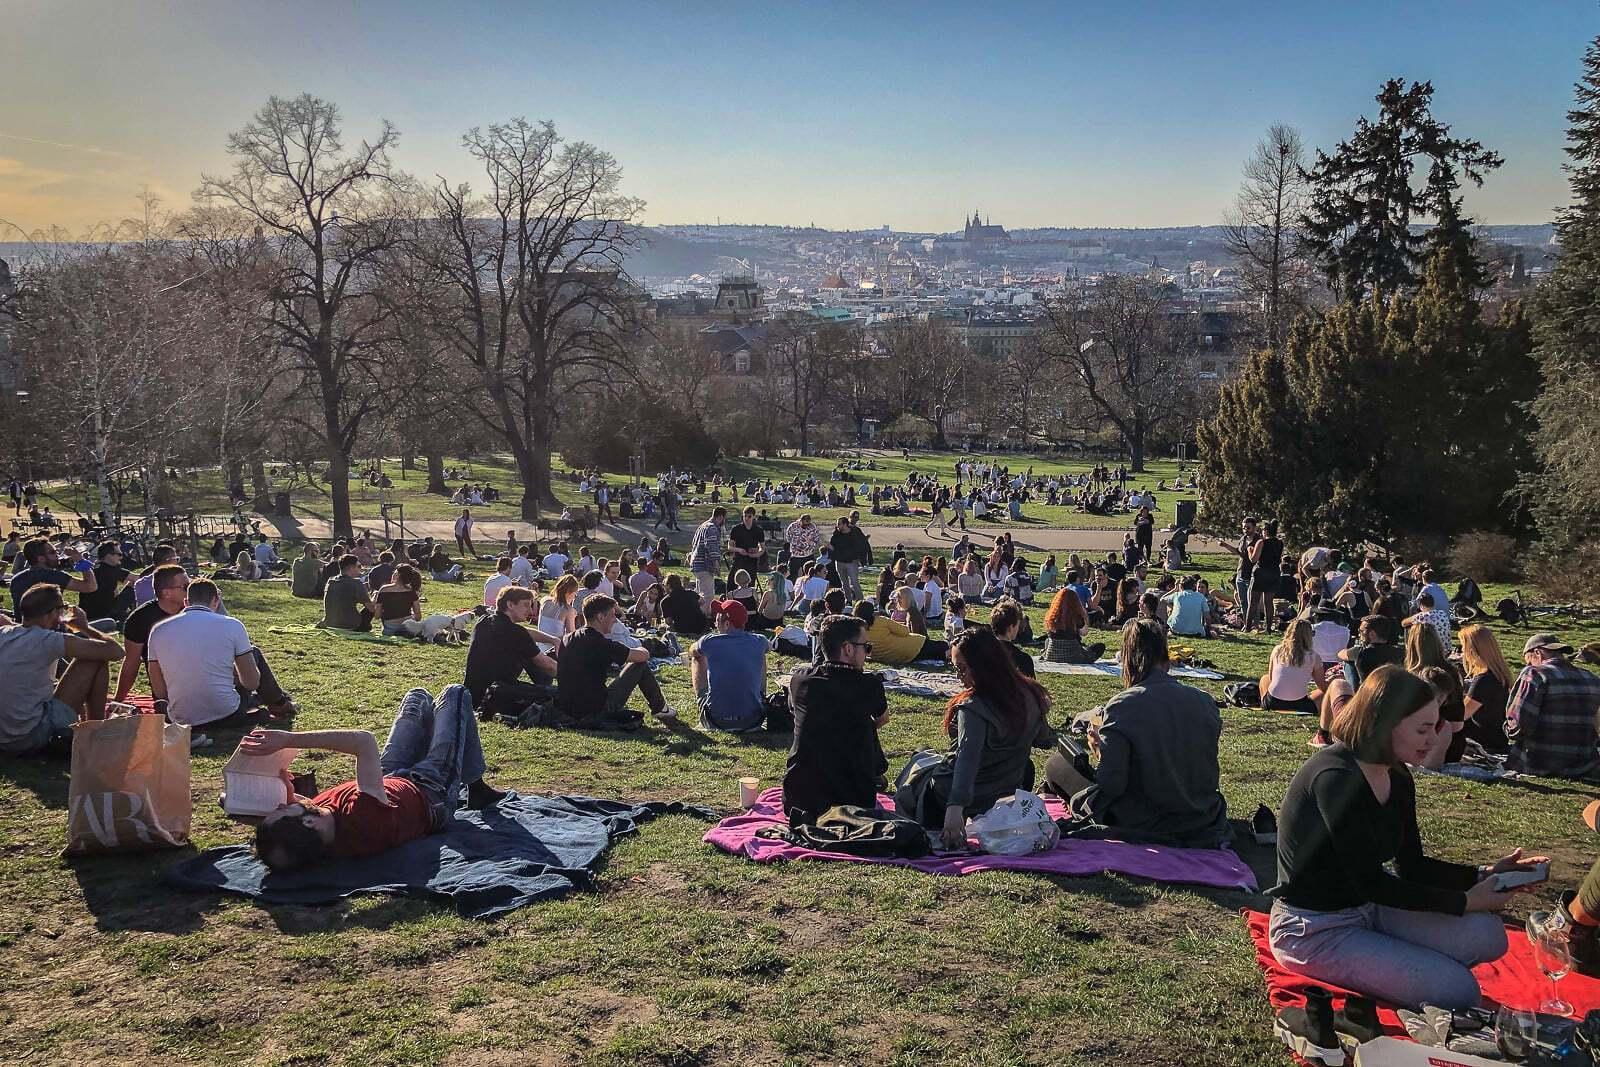 Багато людей зібралося в Ріегрових садах у Празі